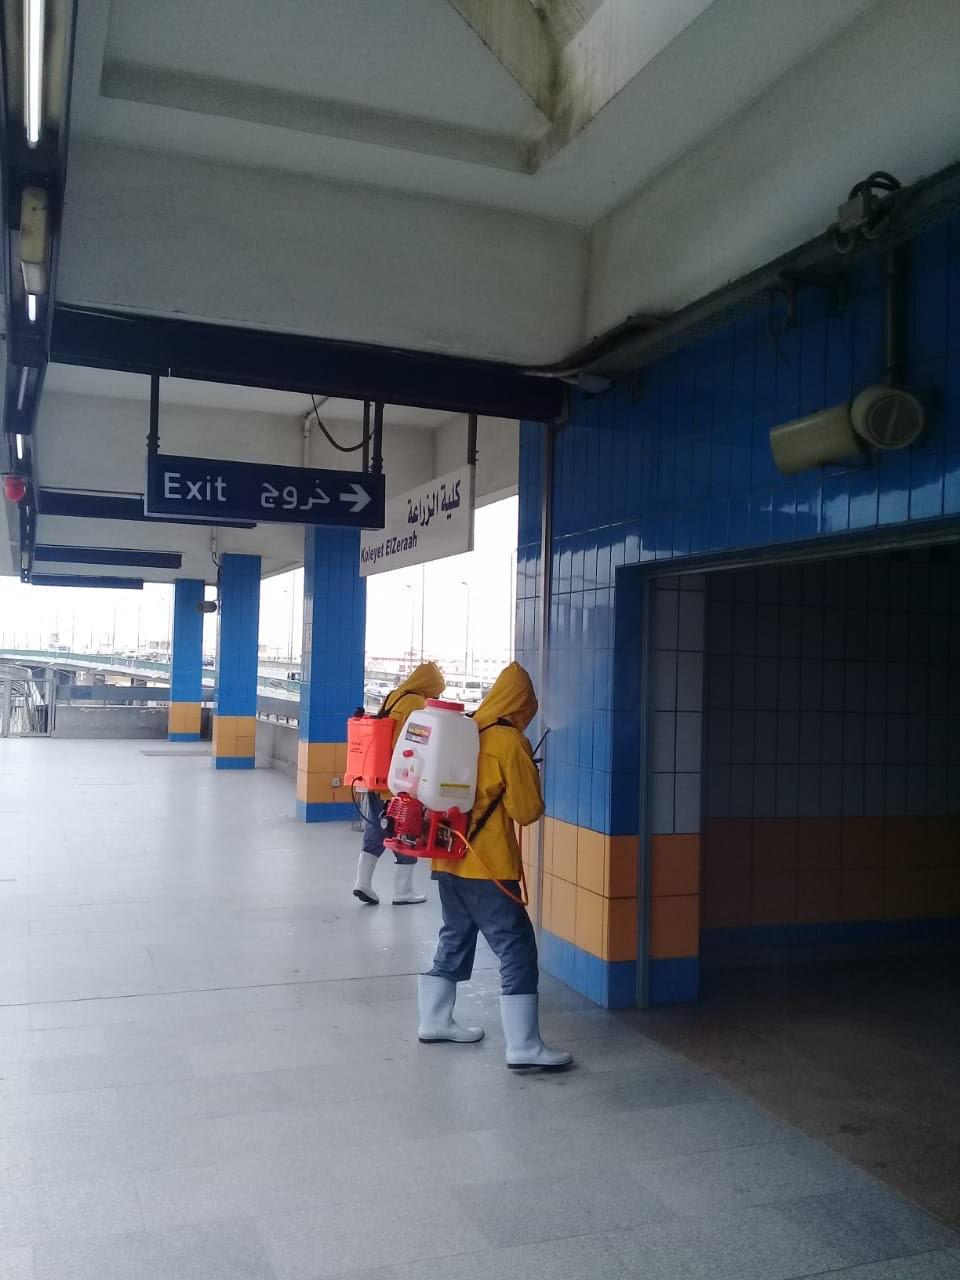 المترو يواصل أعمال تعقيم وتطهير القطارات والمحطات ضد كورونا (2)